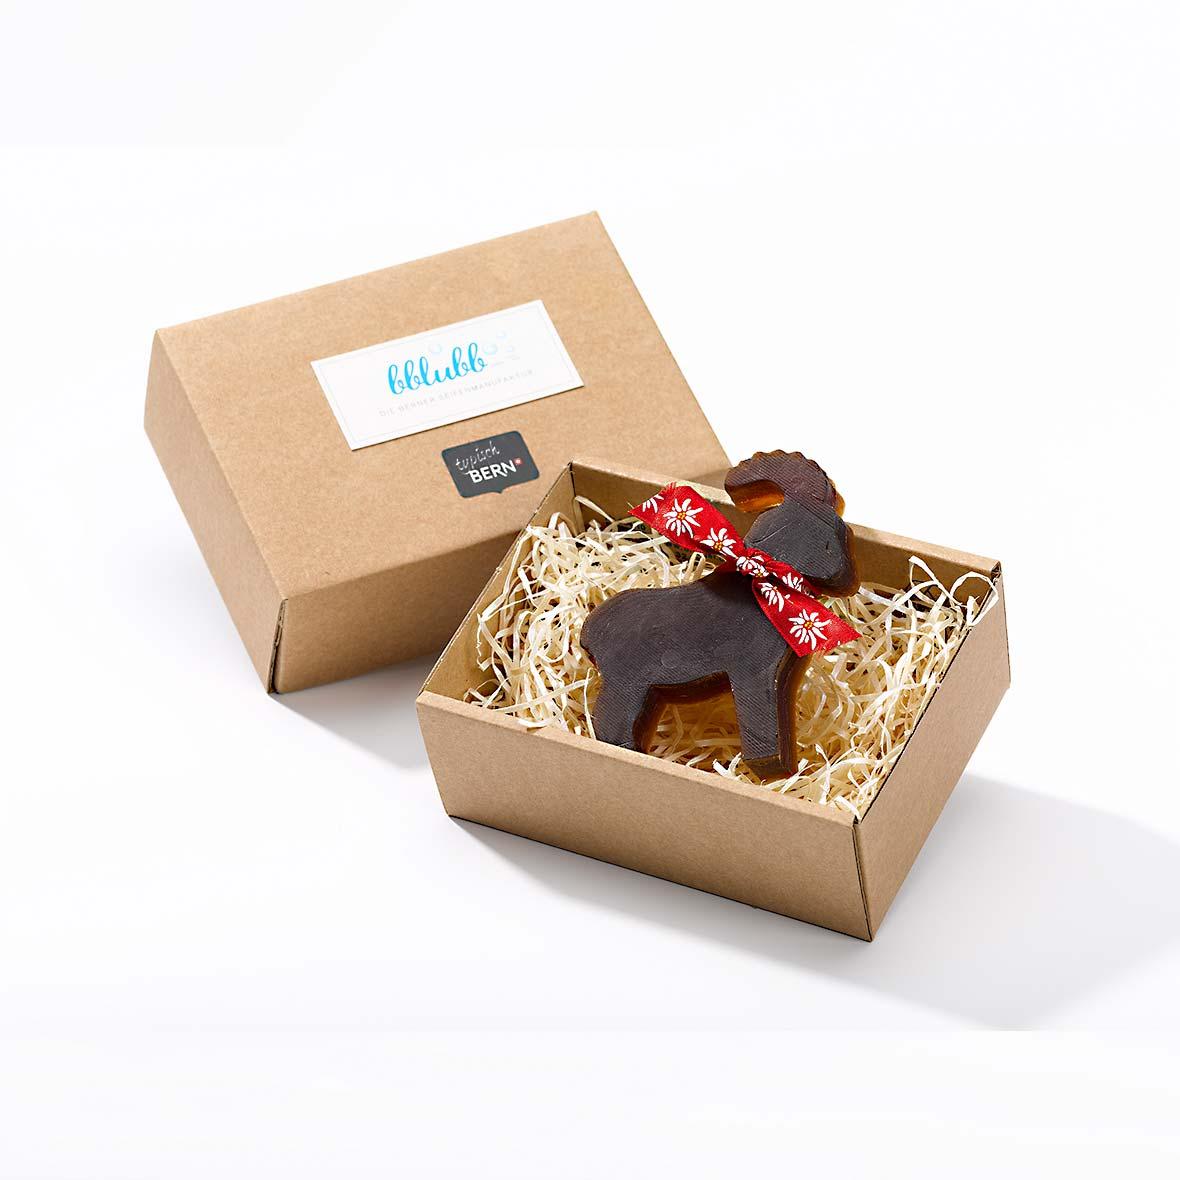 Seife Steinbock aus der Seifenfactory Bblubb in schöner Verpackung